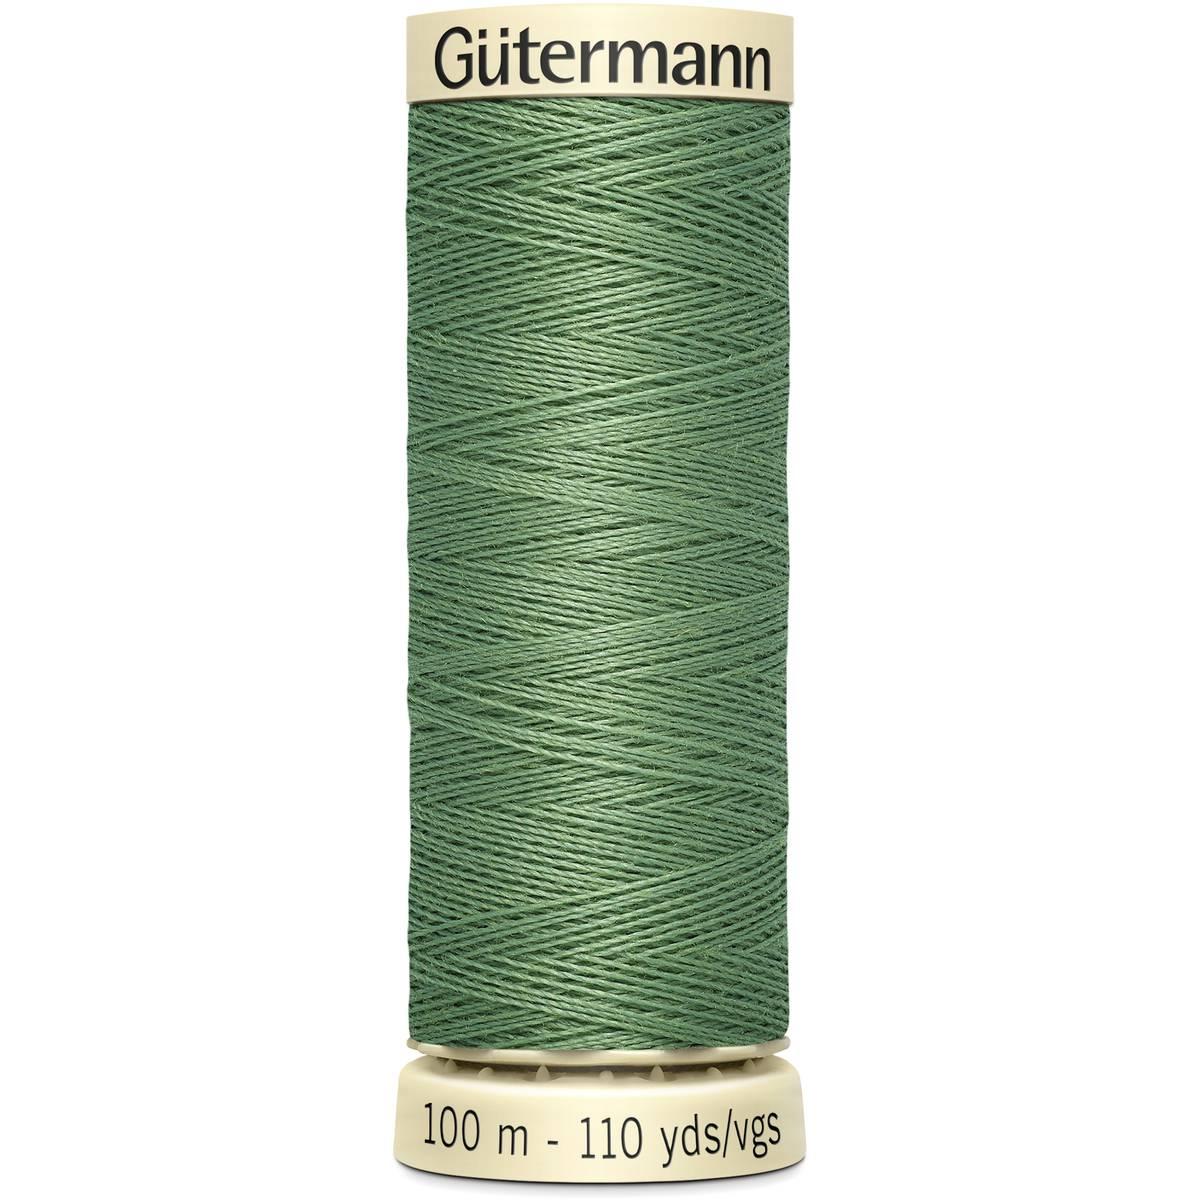 חוט תפירה גוטרמן - Green 821